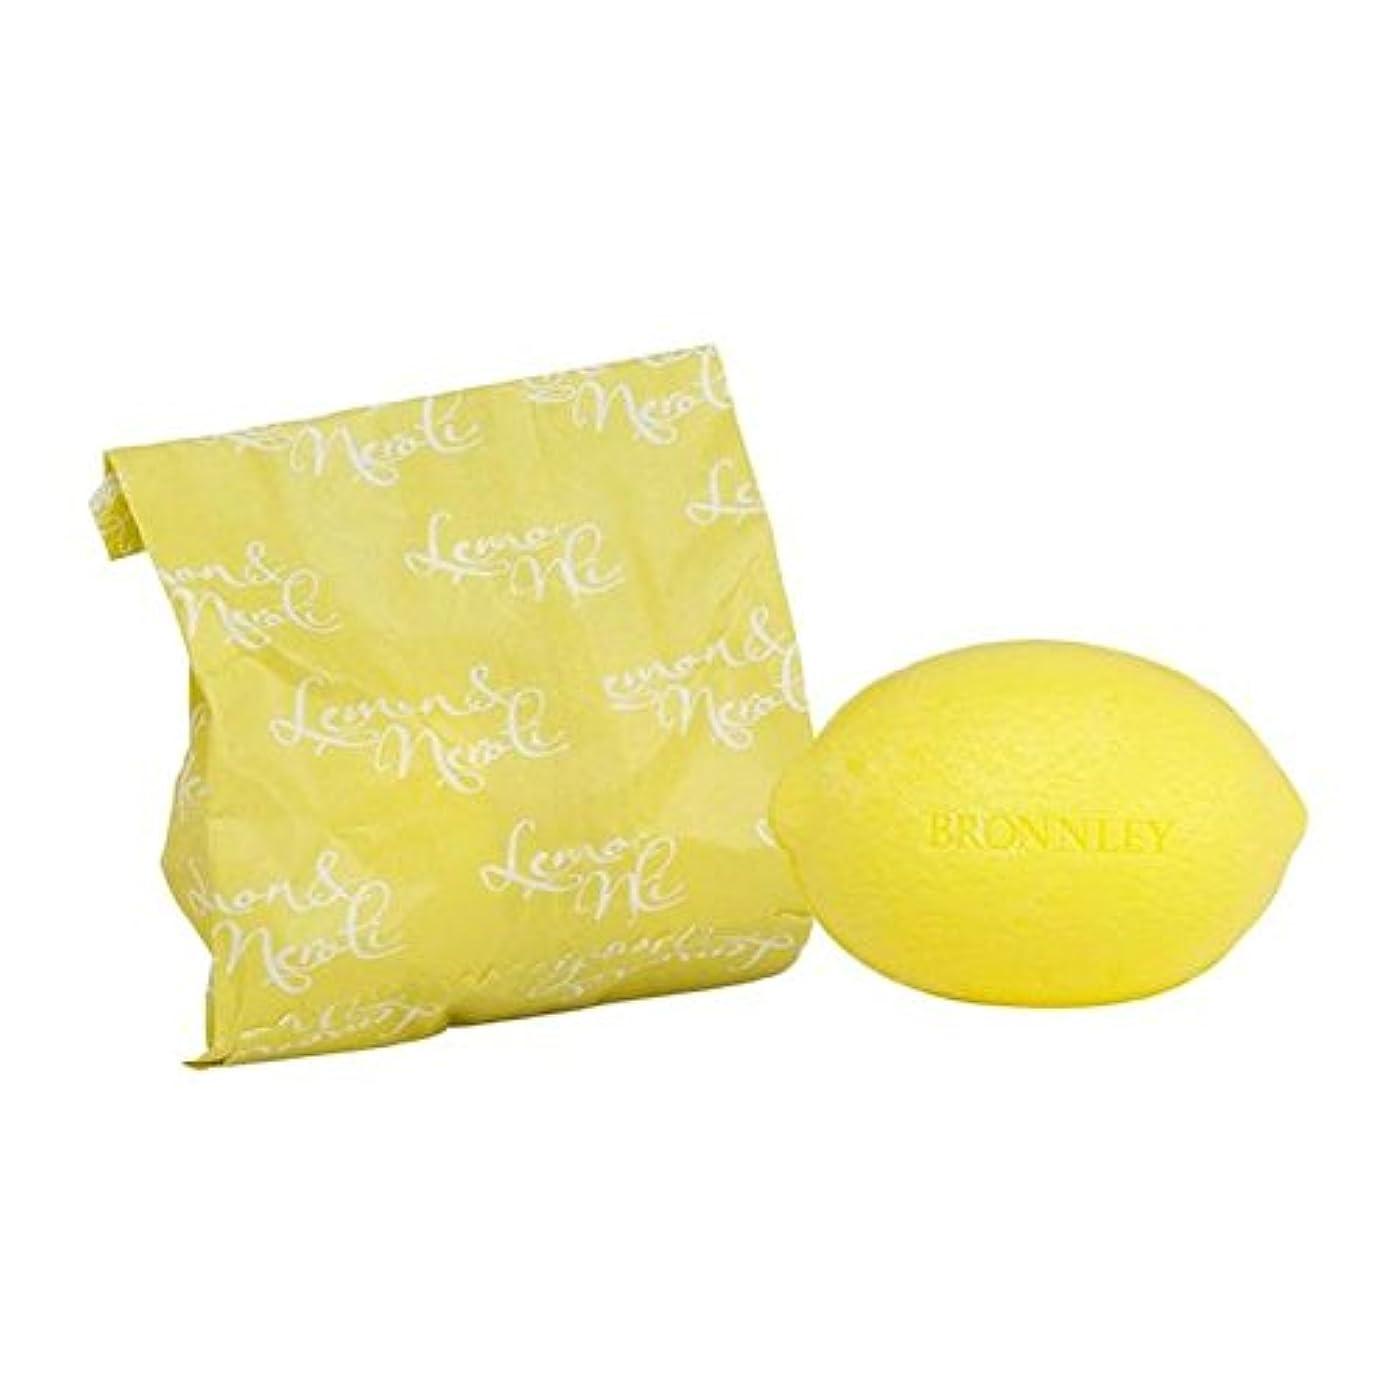 病者供給鹿レモン&ネロリ石鹸100グラム x2 - Bronnley Lemon & Neroli Soap 100g (Pack of 2) [並行輸入品]